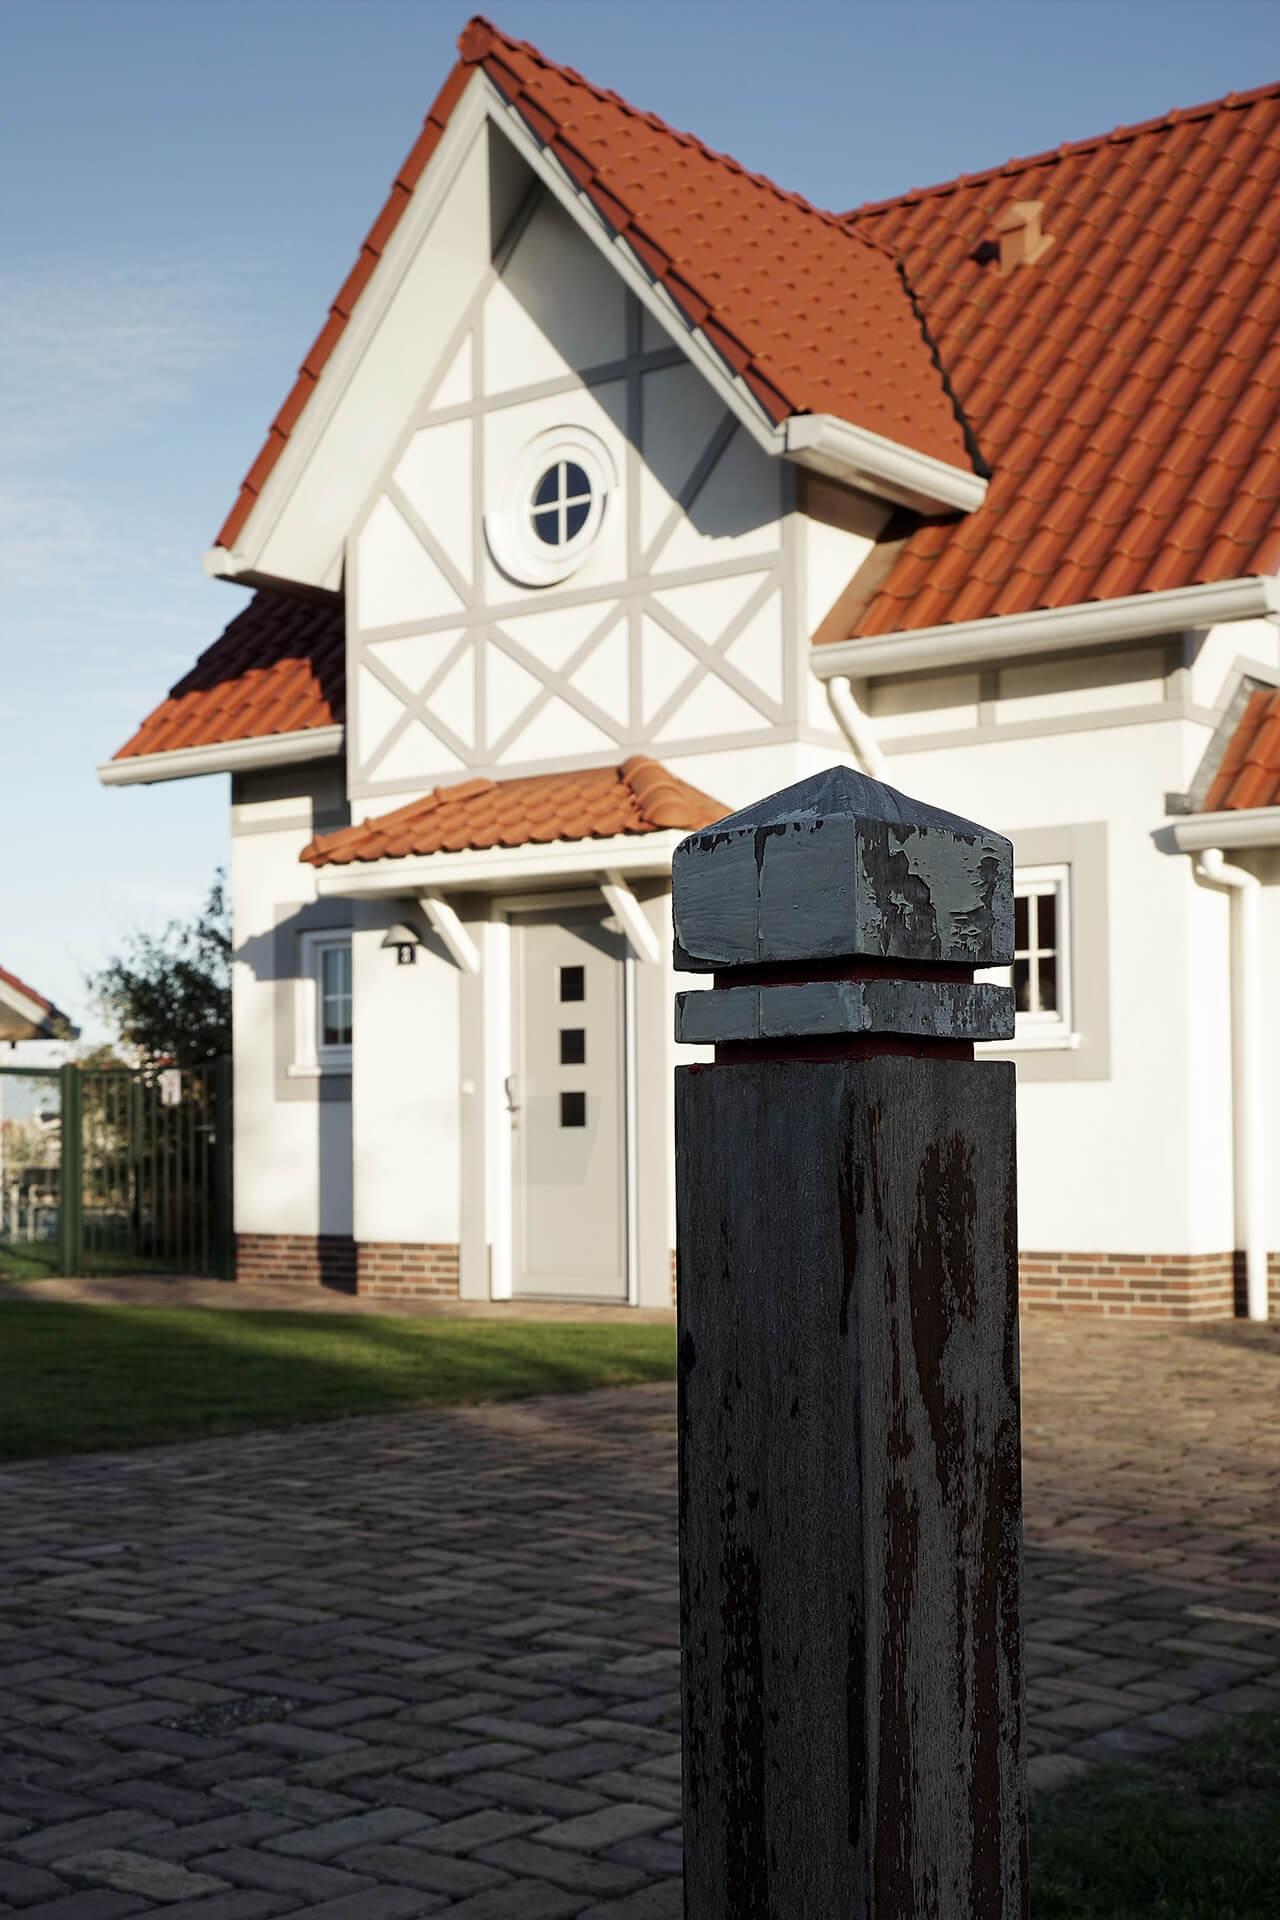 Leisure Architectuur - Noordzee Résidence Cadzand-Bad - Vakantie villa oprit